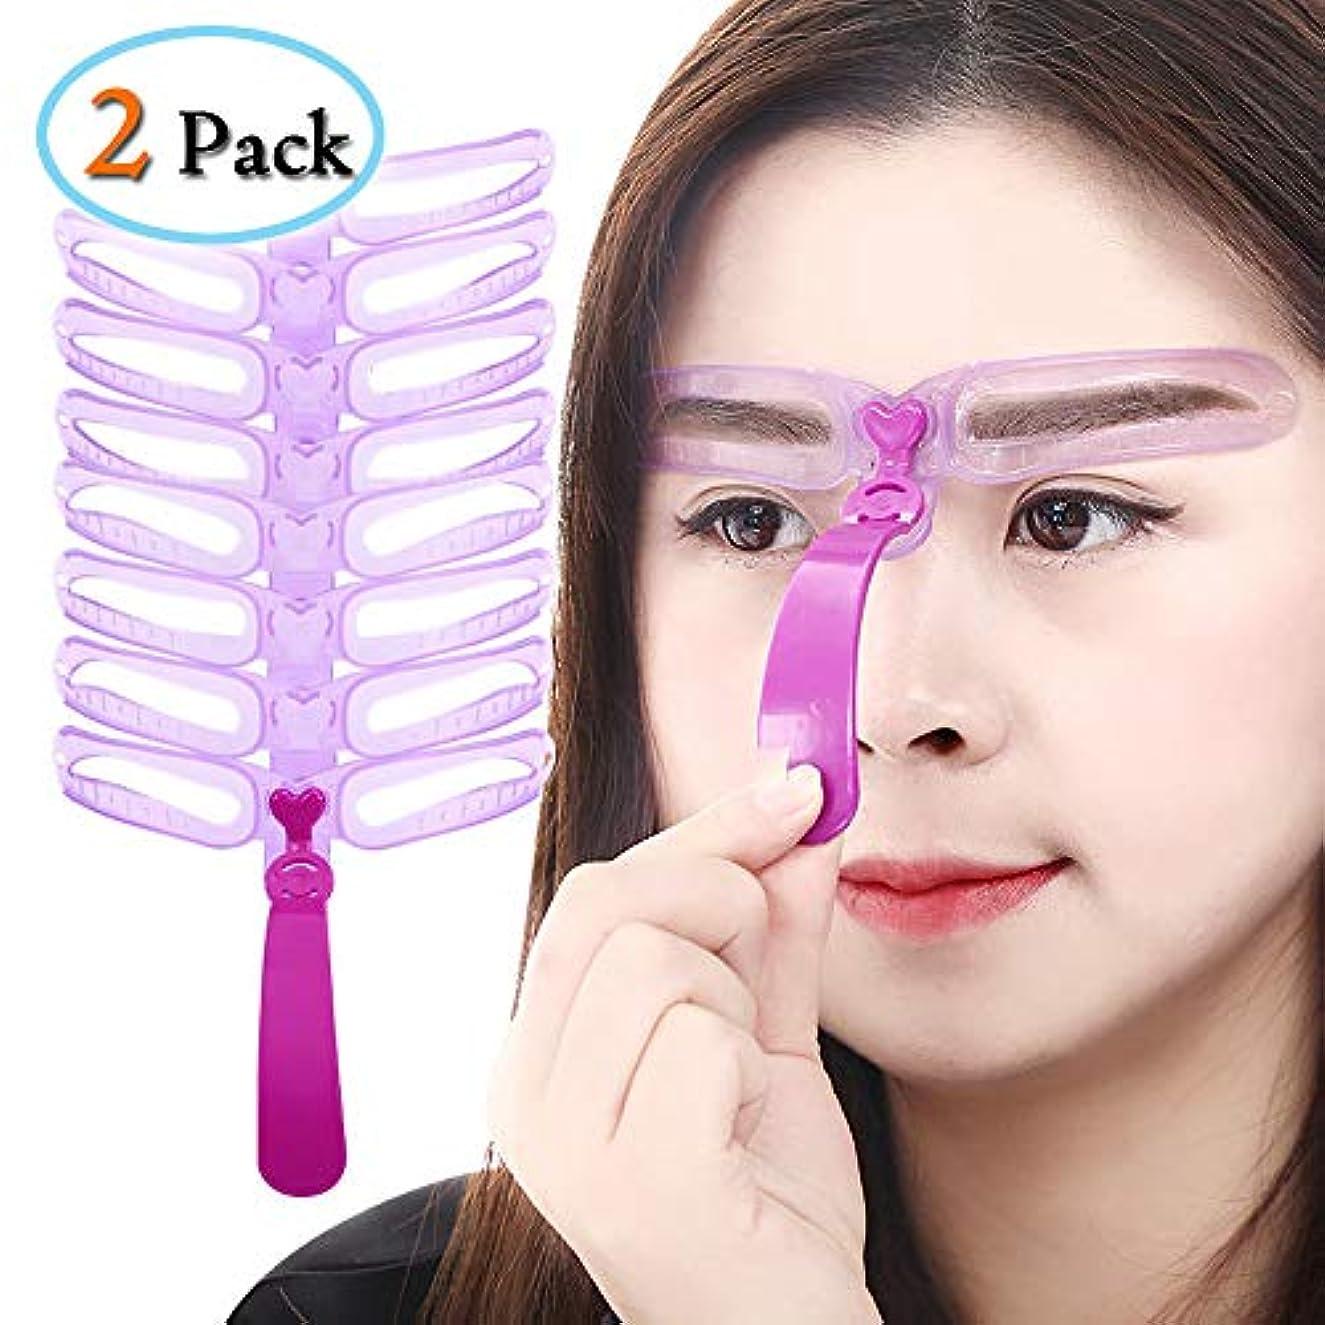 うっかりうまくいけば終わりYuJiny 8種類 眉毛テンプレート 8パターン 眉毛を気分で使い分け 眉用ステンシル 美容ツール 男女兼用 2点セット